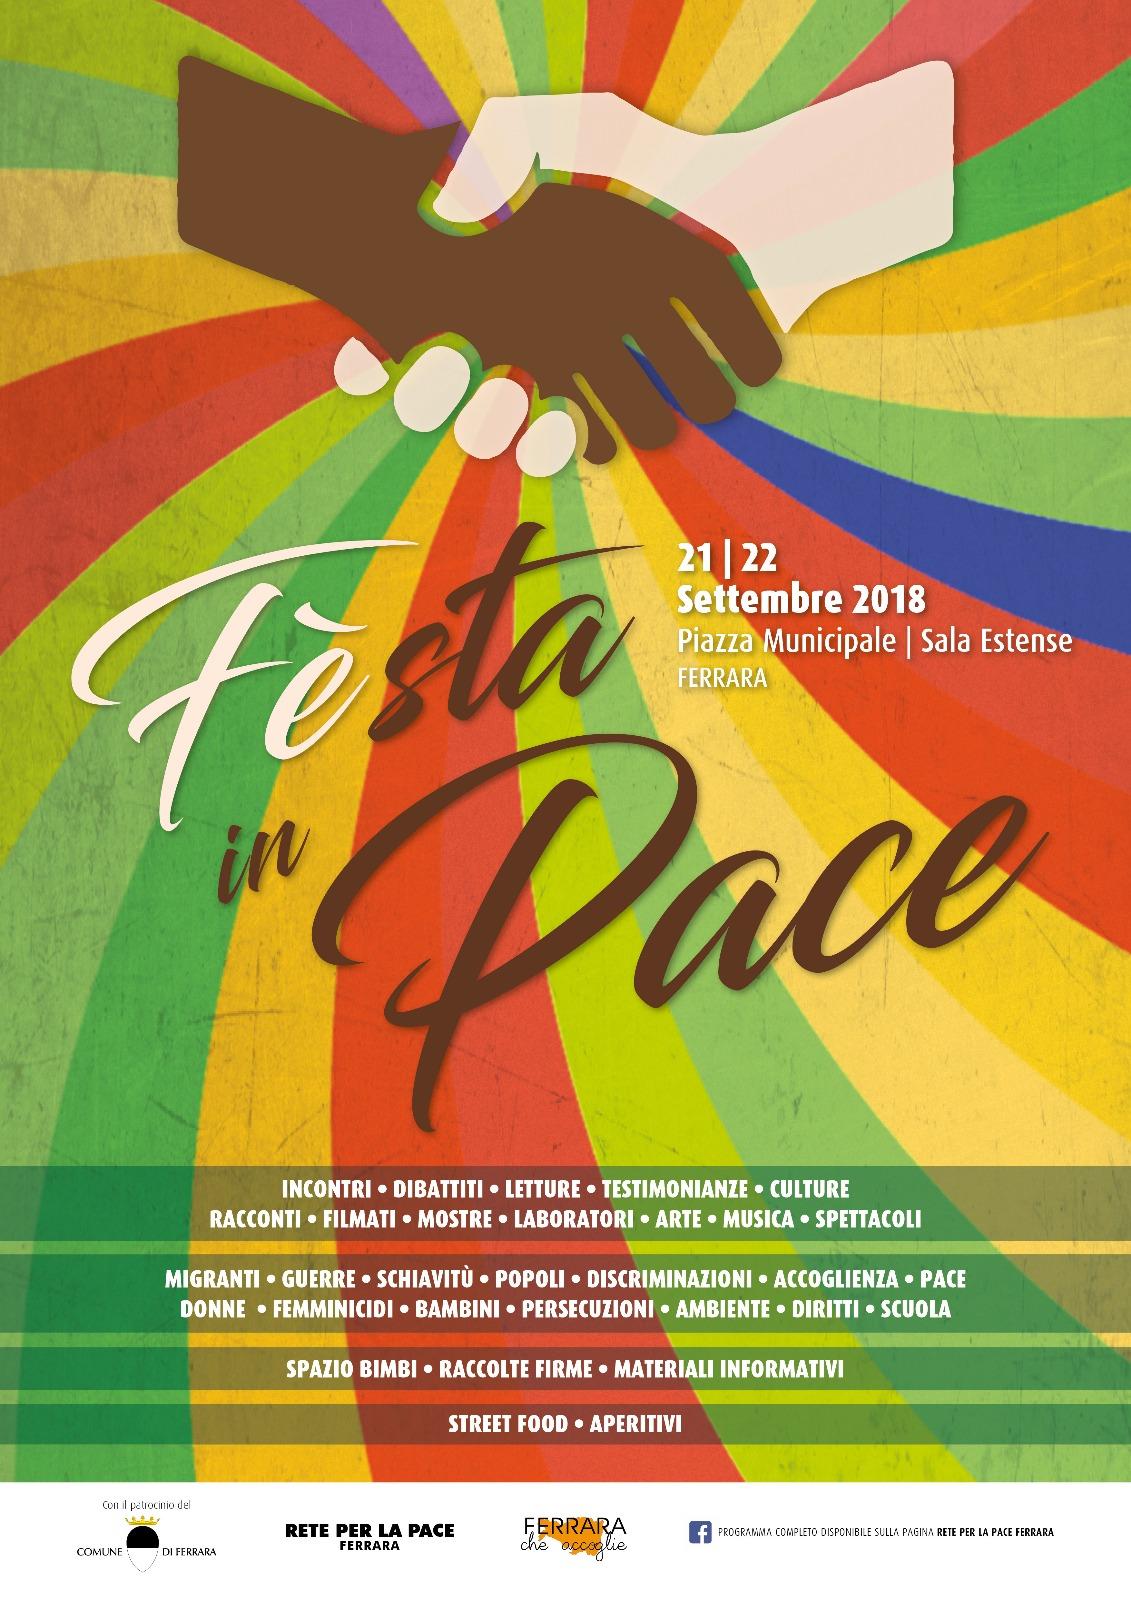 FEsta in Pace: venerdì 21 e sabato 22 settembre in Piazza Municipale